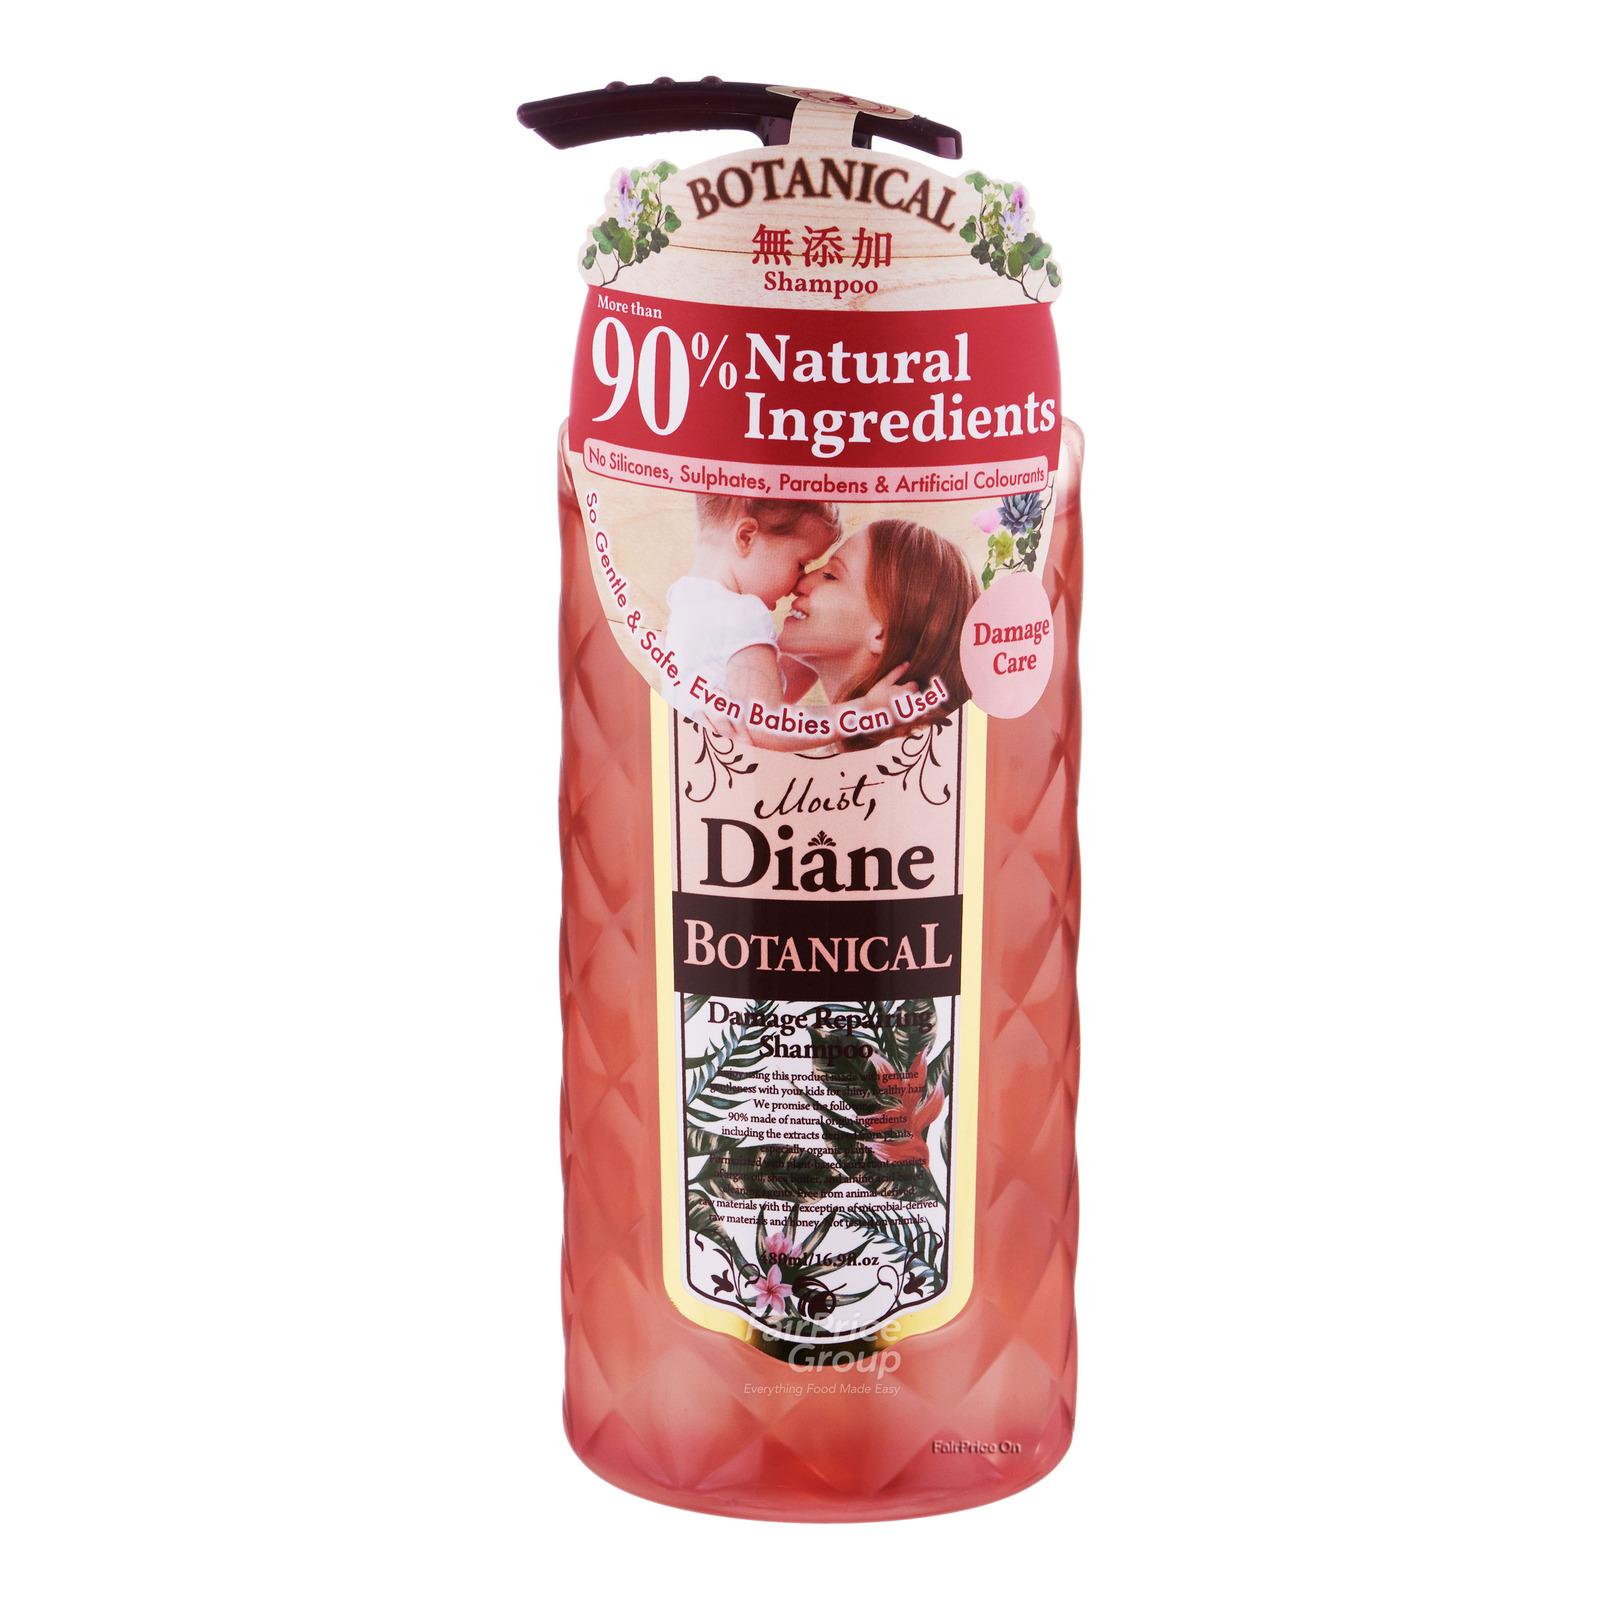 Moist Diane Botanical Shampoo - Damage Repairing